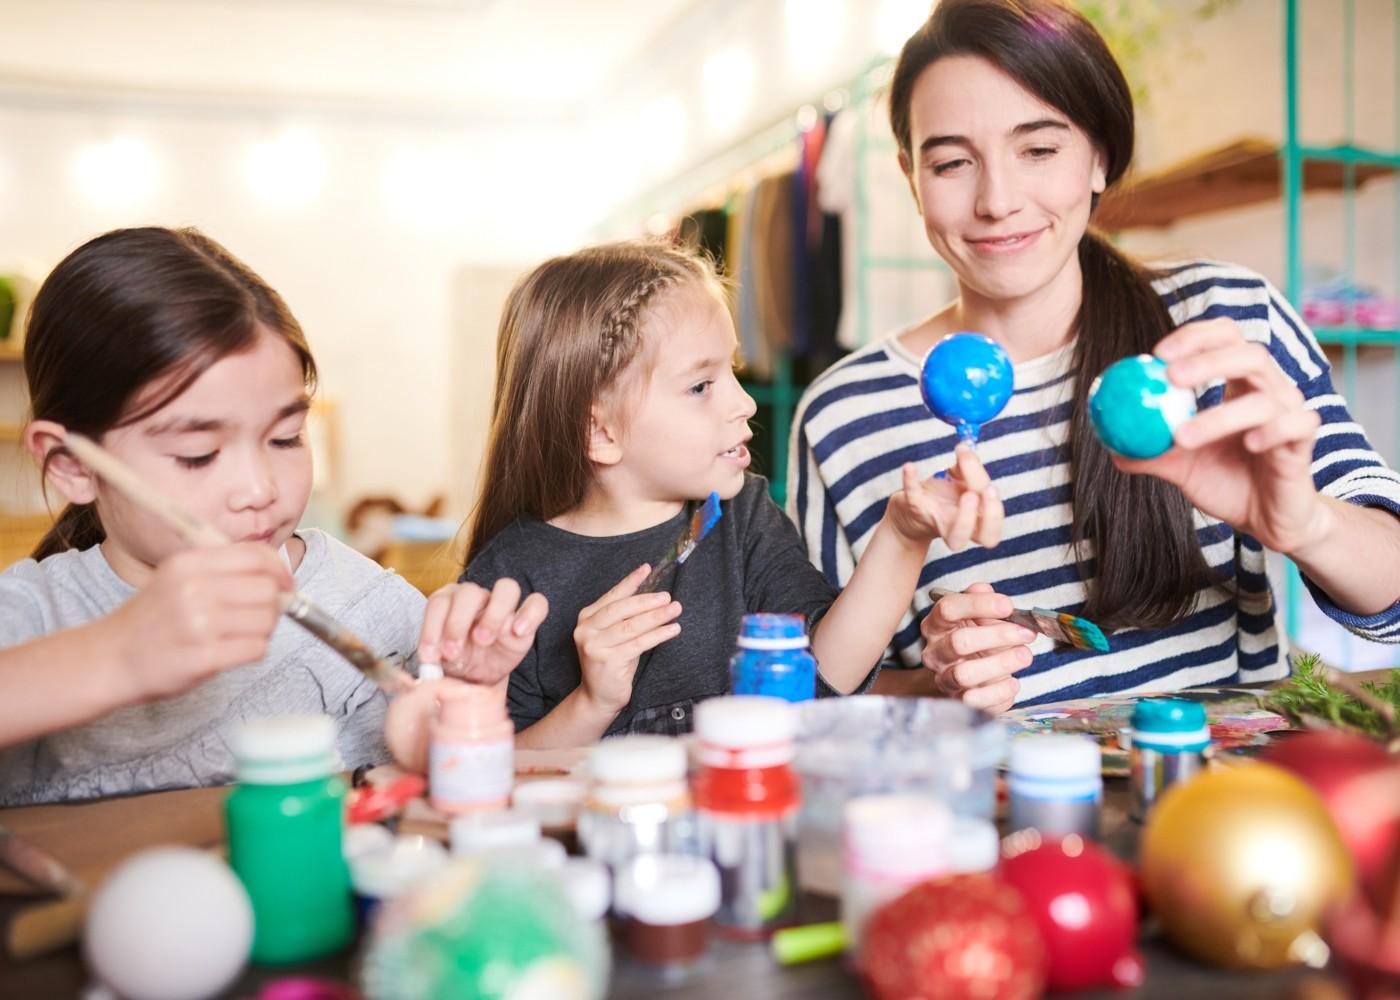 jovem mulher a fazer atividades manuais com crianças